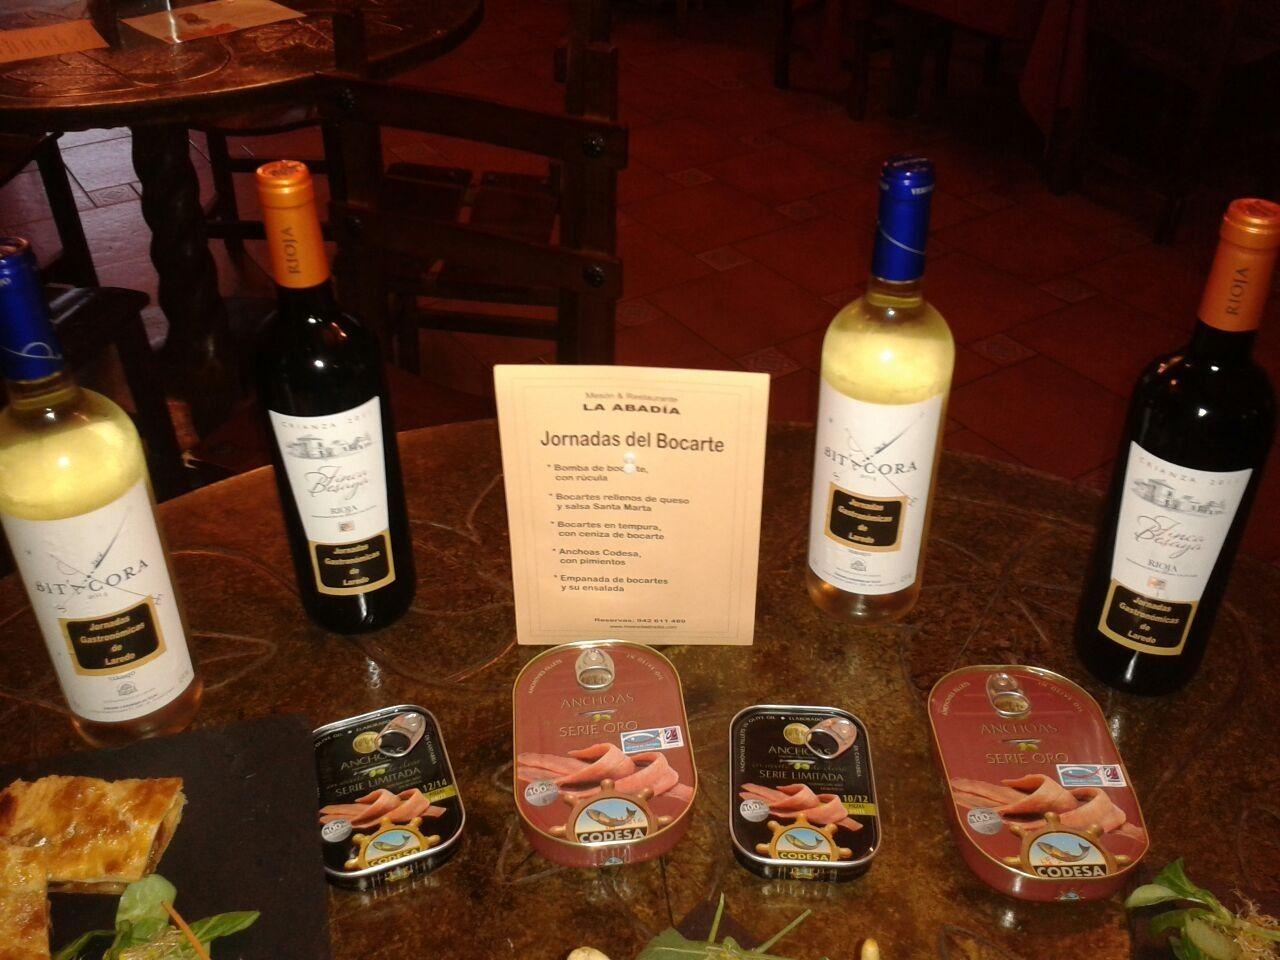 Nuestra selección de anchoas y vinos para las jornadas del bocarte